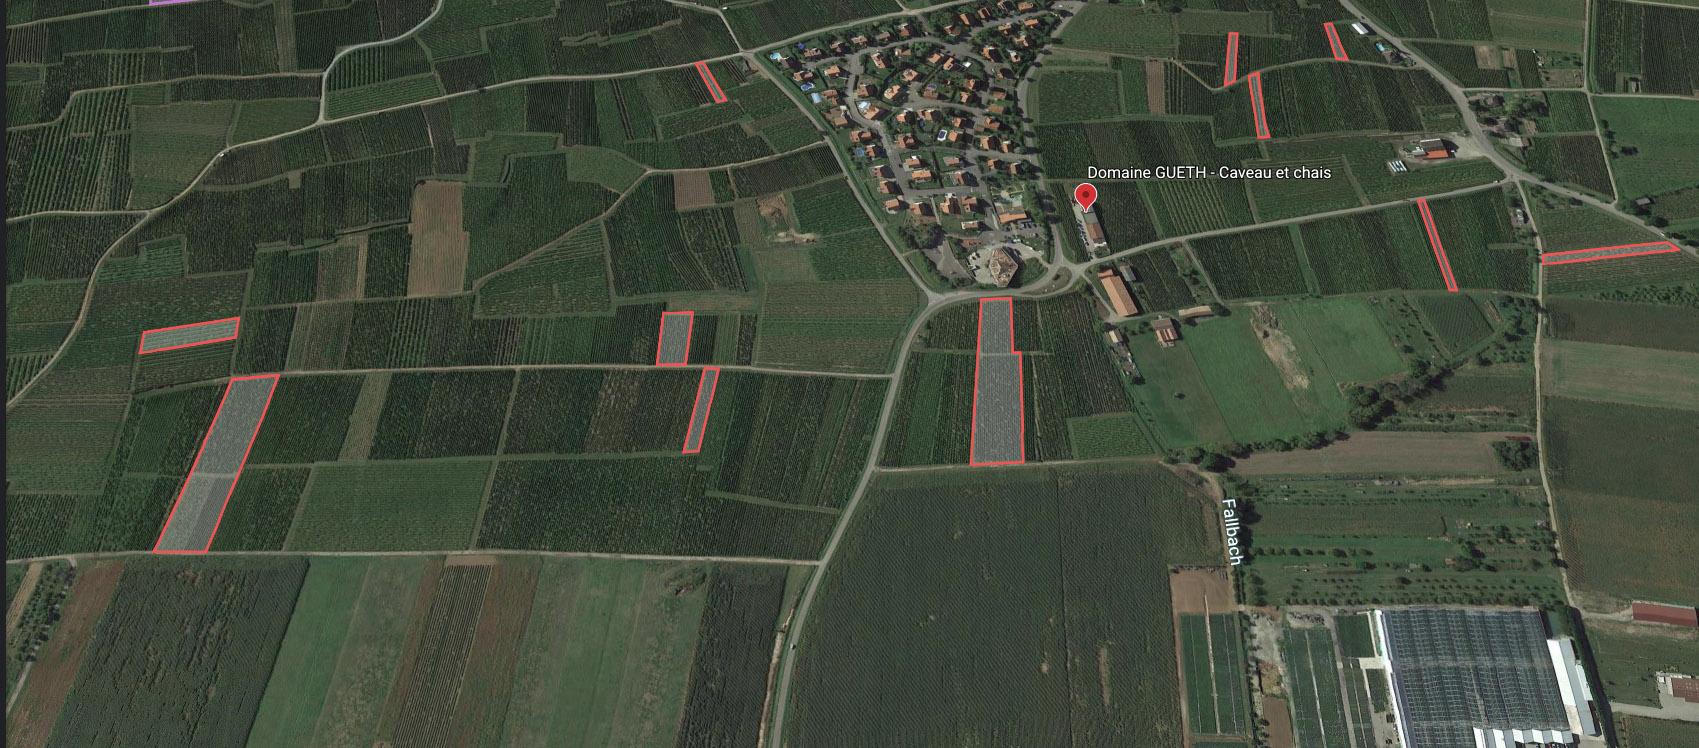 vue aérienne position domaine gueth gueberschwihr